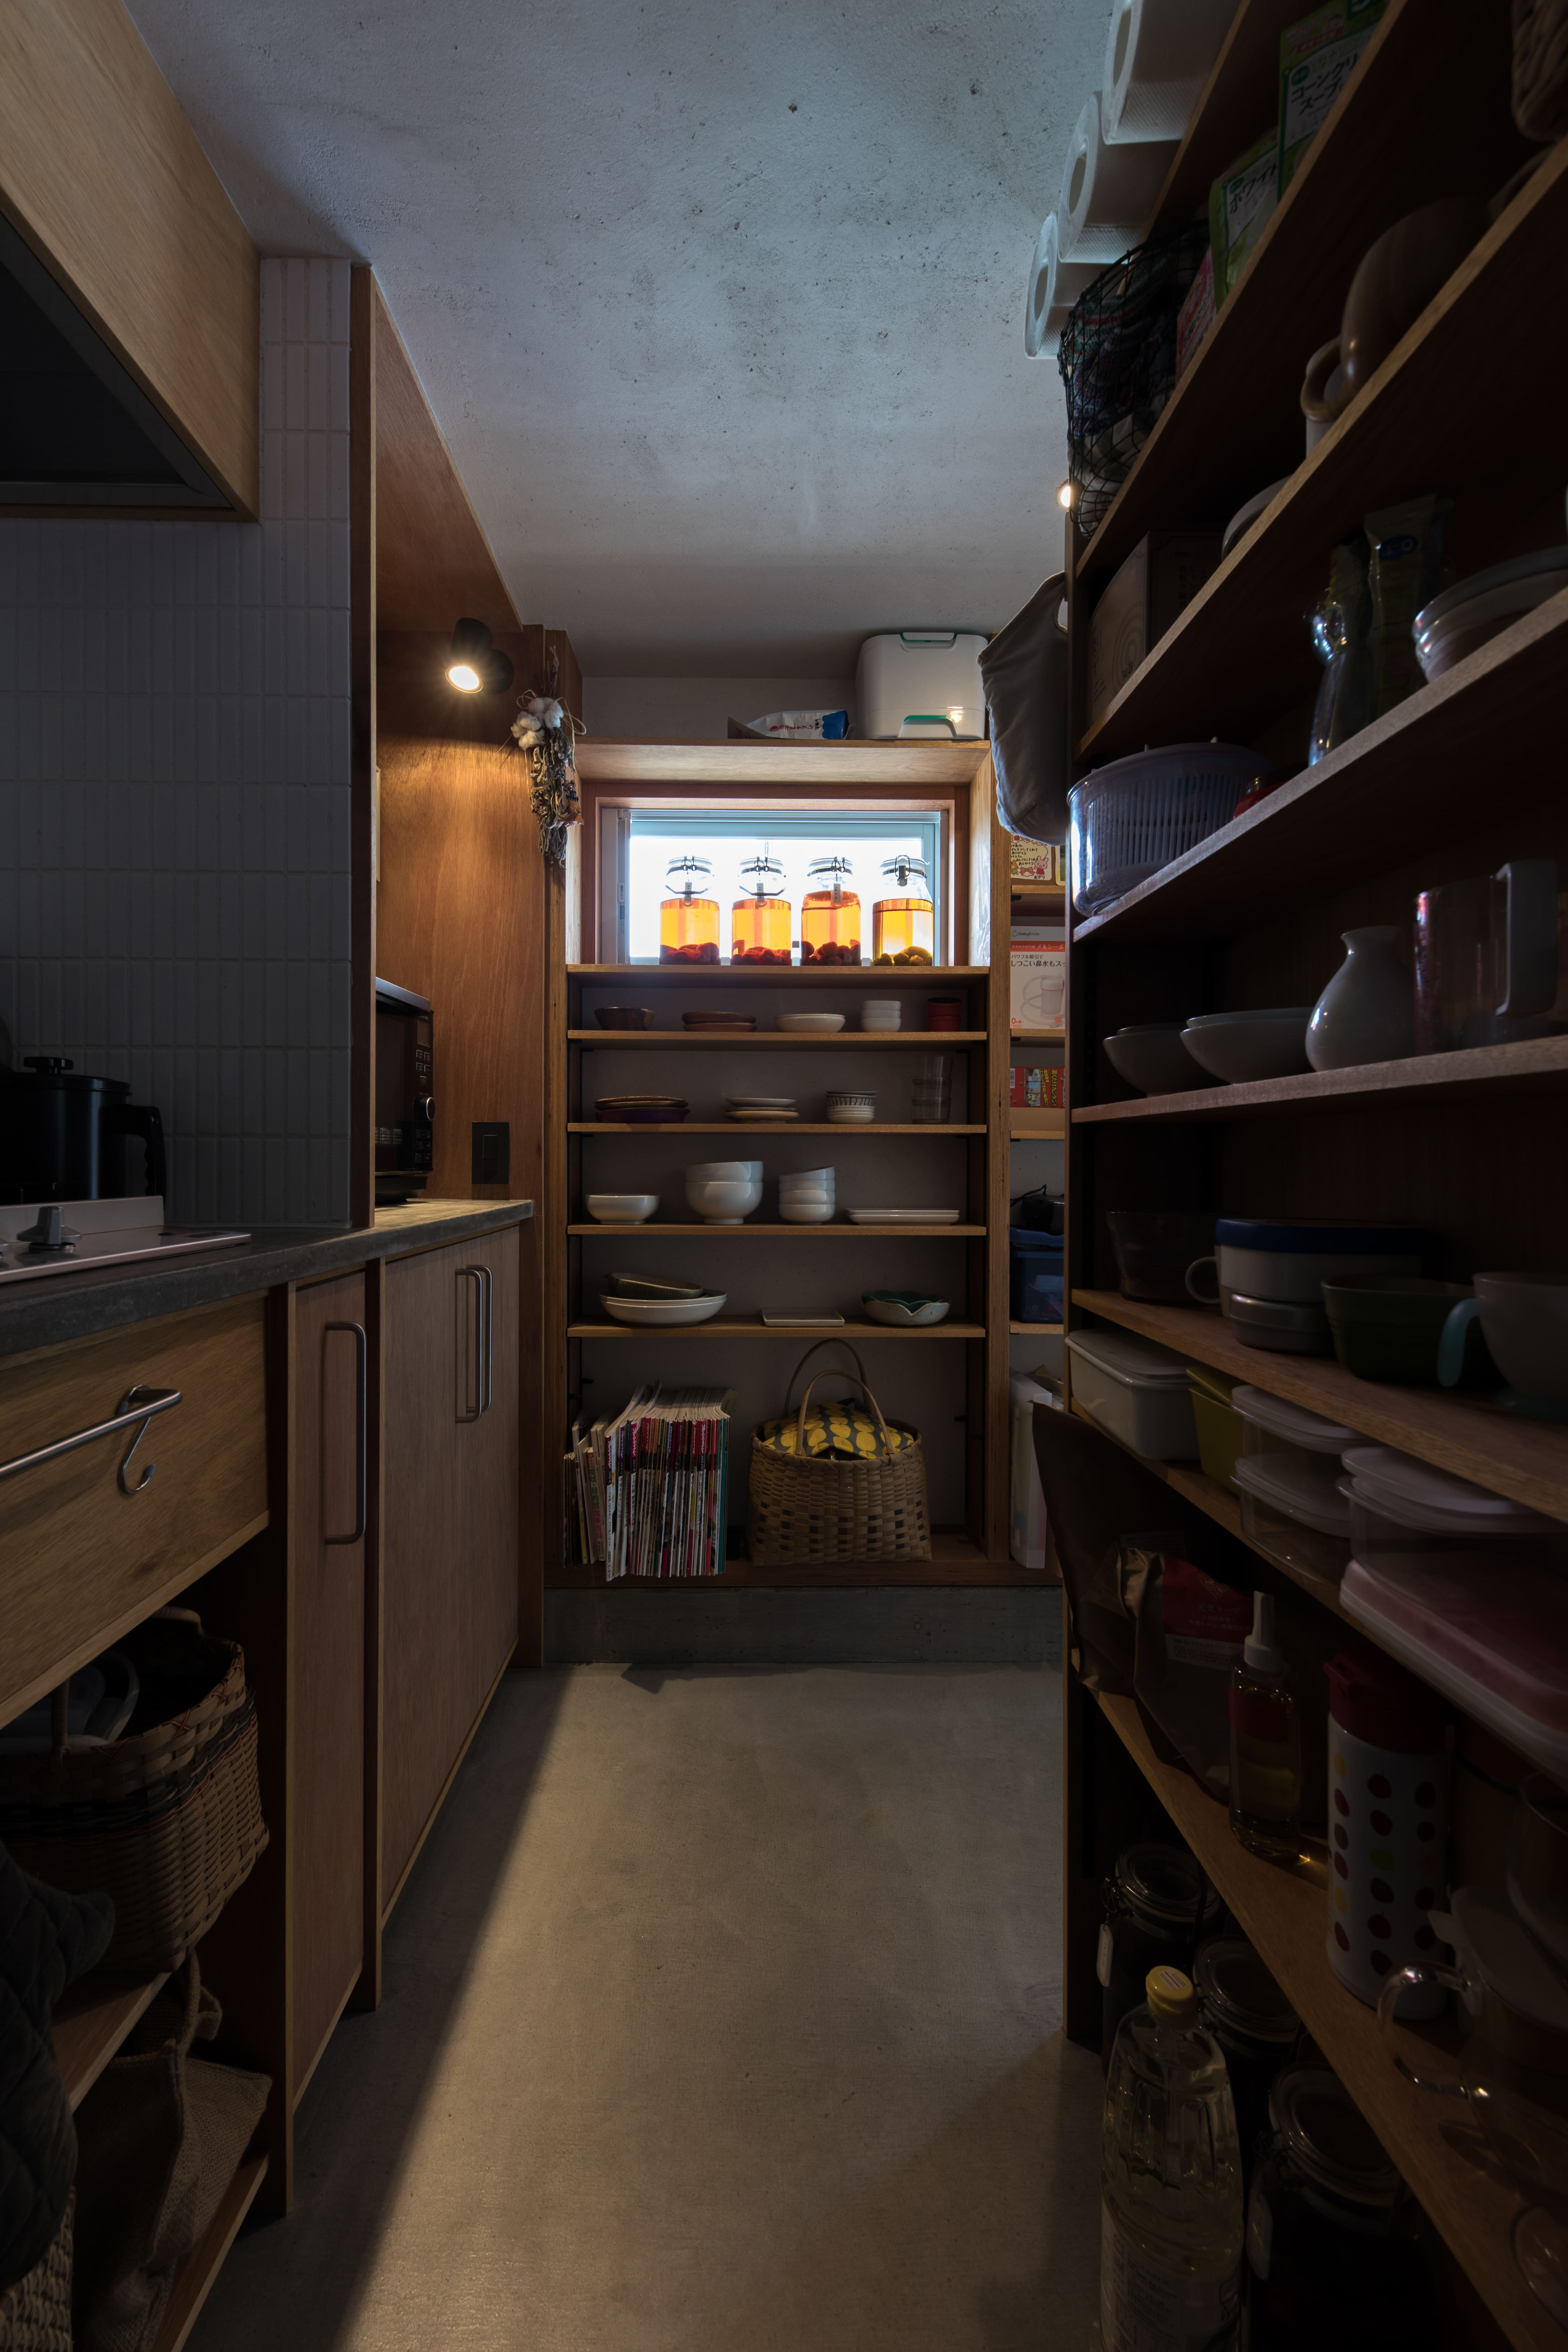 建杜 KENT(大栄工業)【デザイン住宅、自然素材、建築家】モルタル土間のキッチンは奥さまのお気に入り。冷蔵庫を中心に回遊できる空間は、全体がパントリーのような収納力。オープン棚で必要なものにさっと手が届く